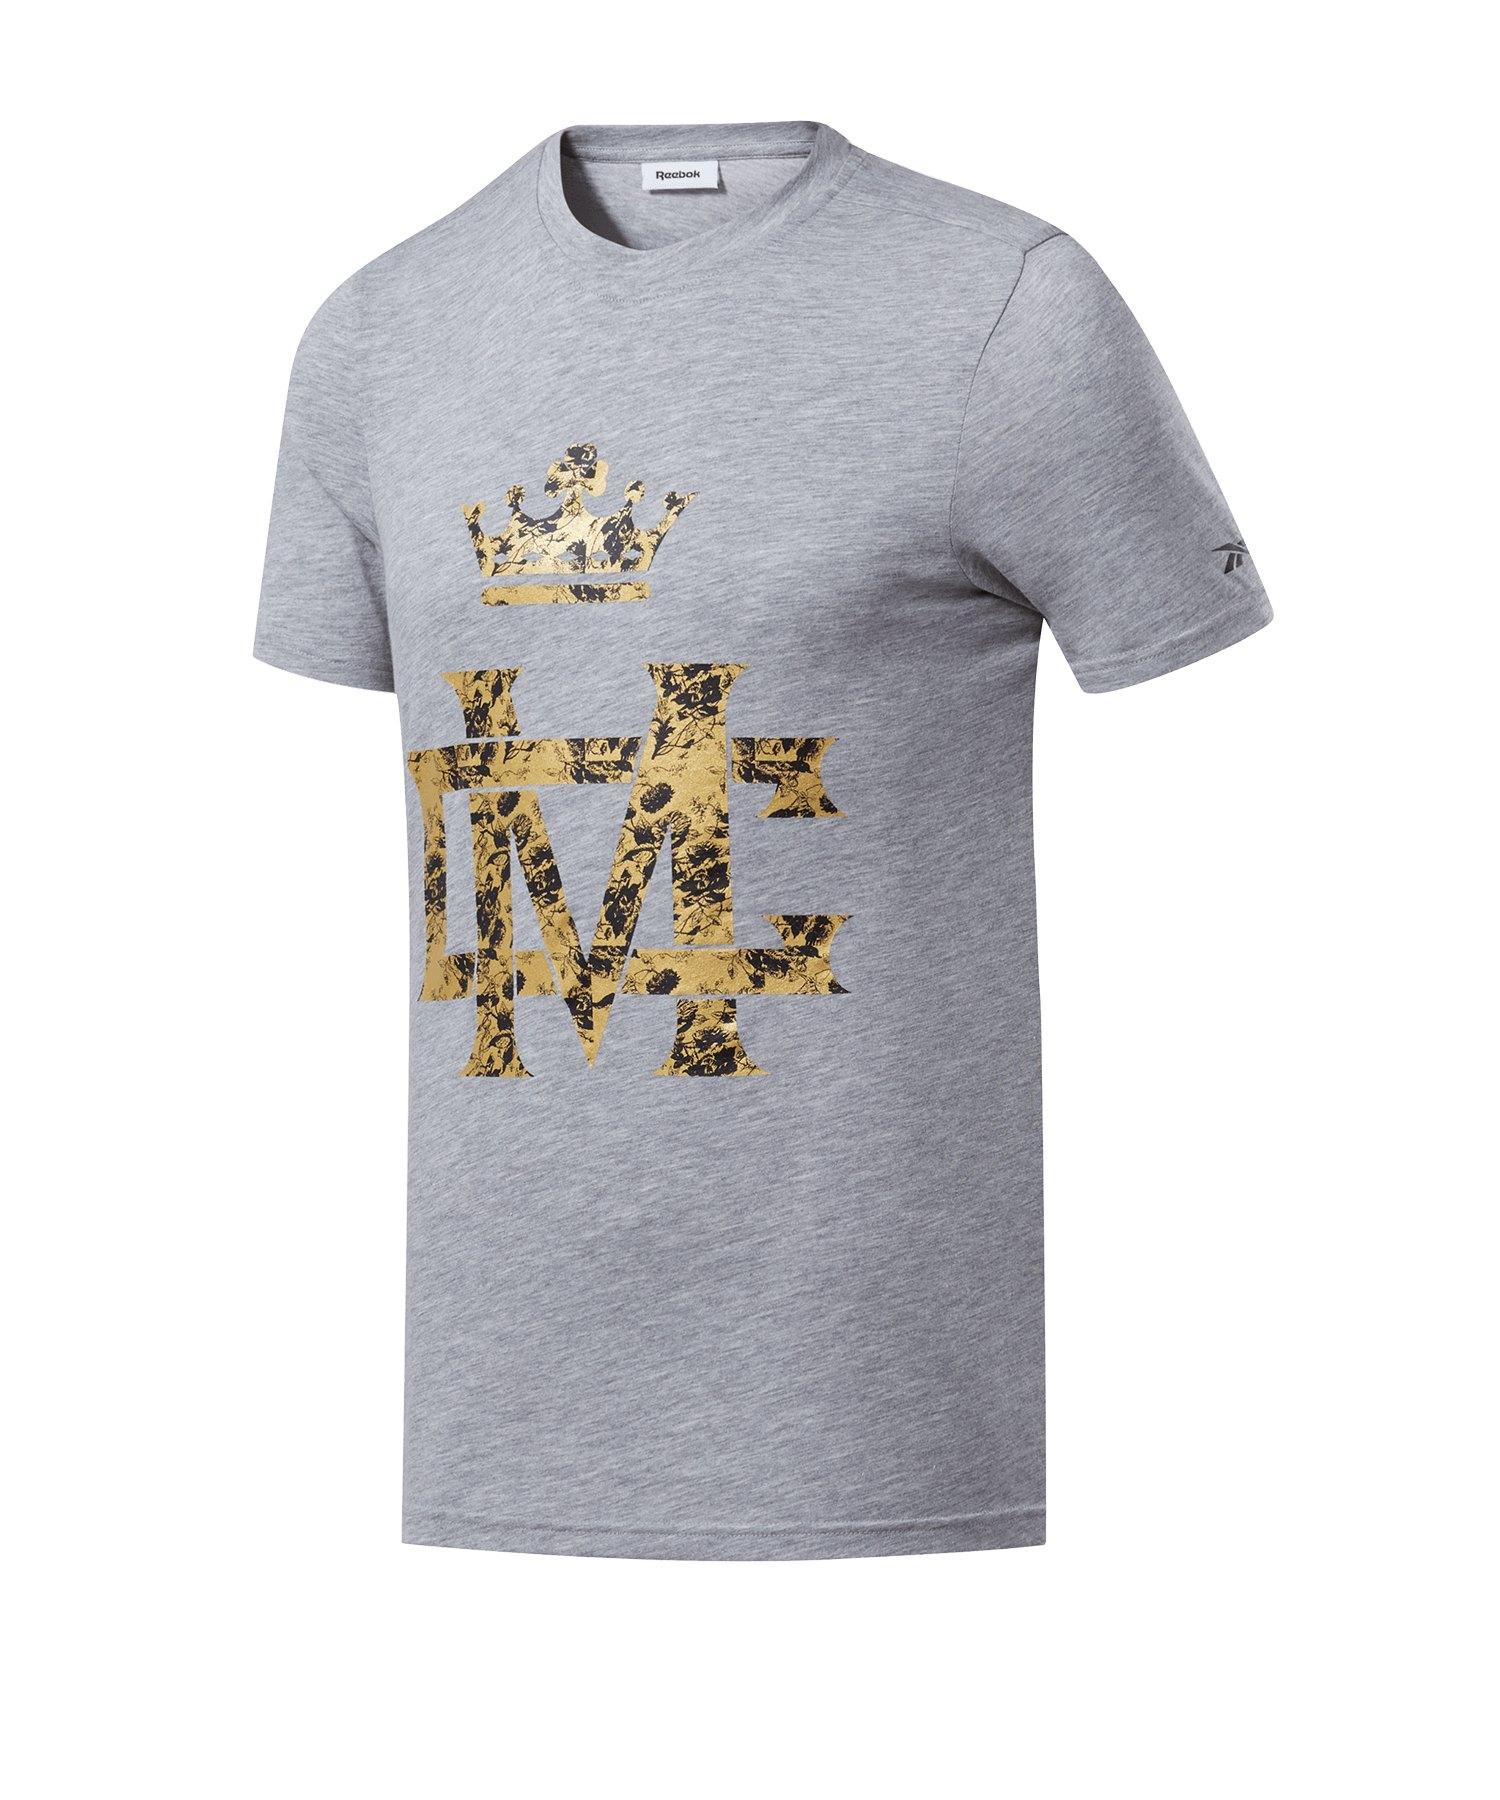 Reebok Combat Conor McGregor T-Shirt Grau - grau